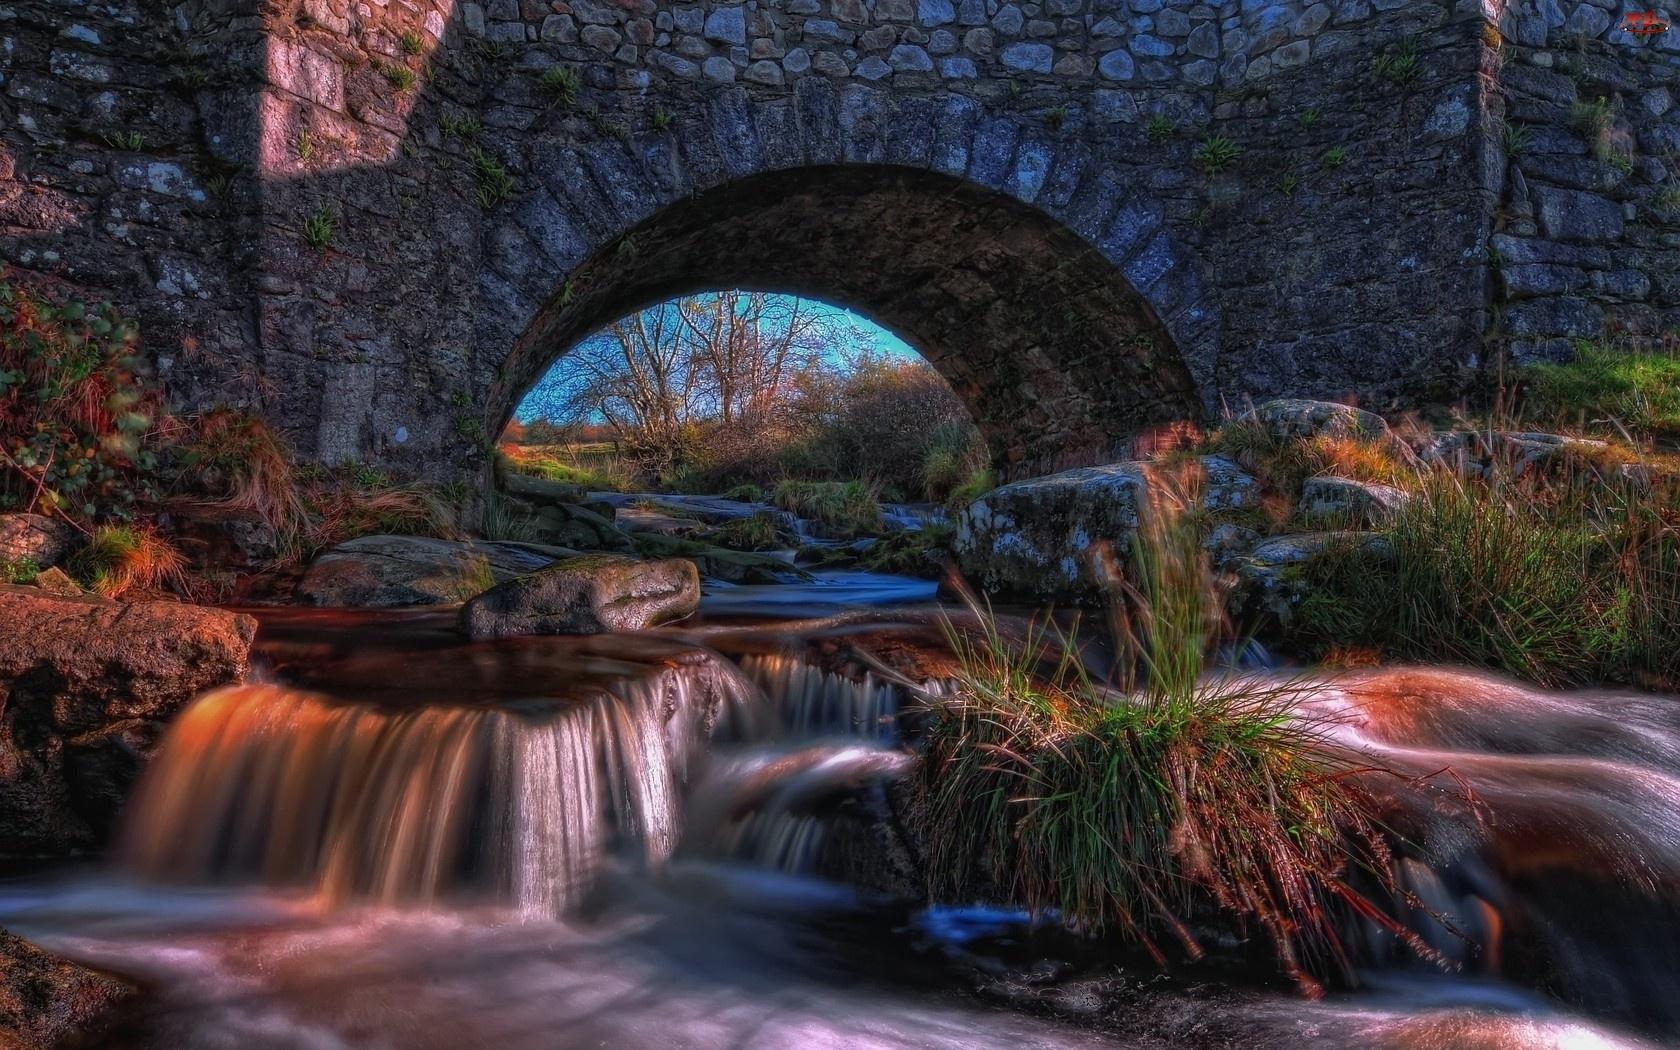 Rzeka, Słońca, Kamienny, Trawy, Most, Promienie